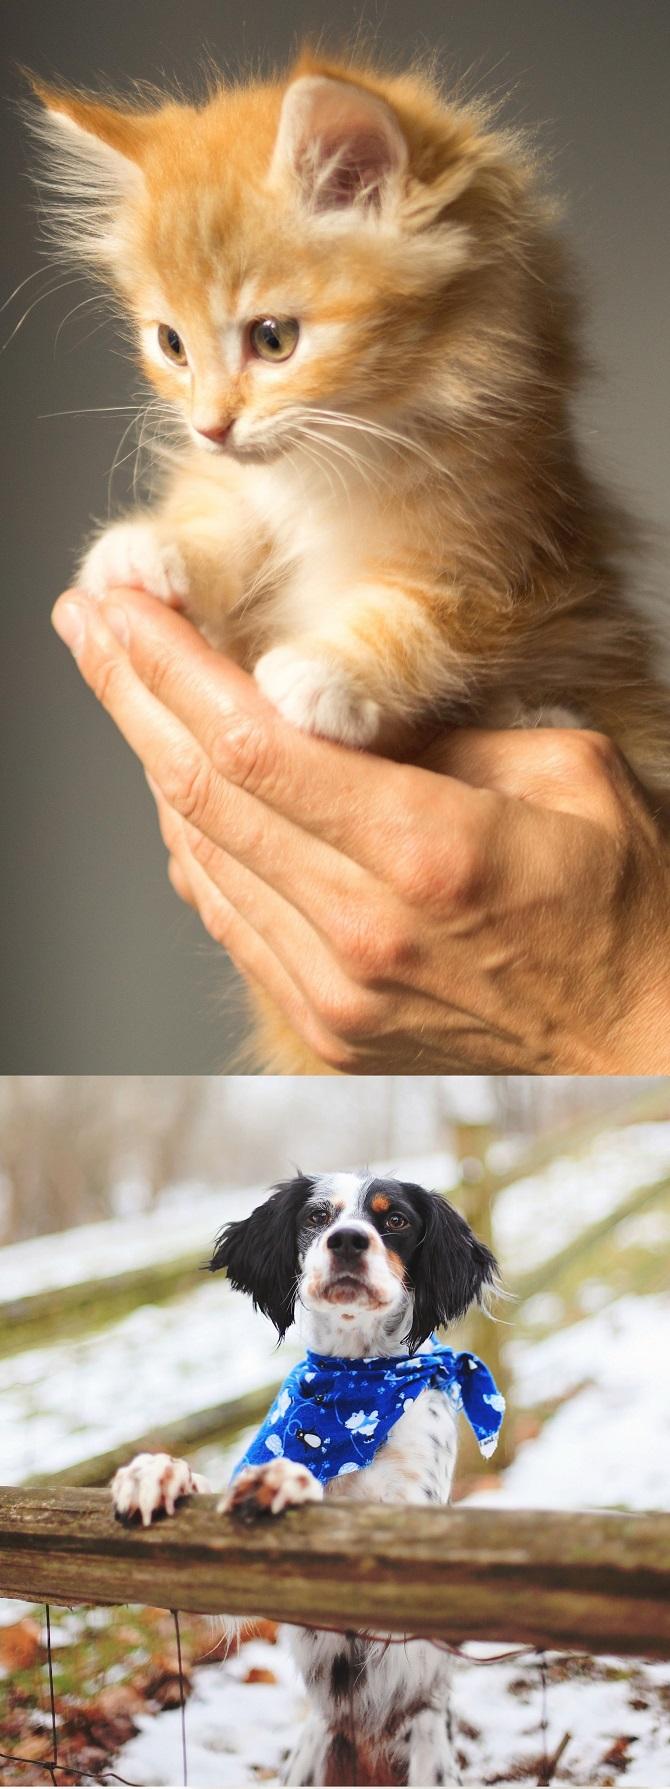 image for kitten dog scroll